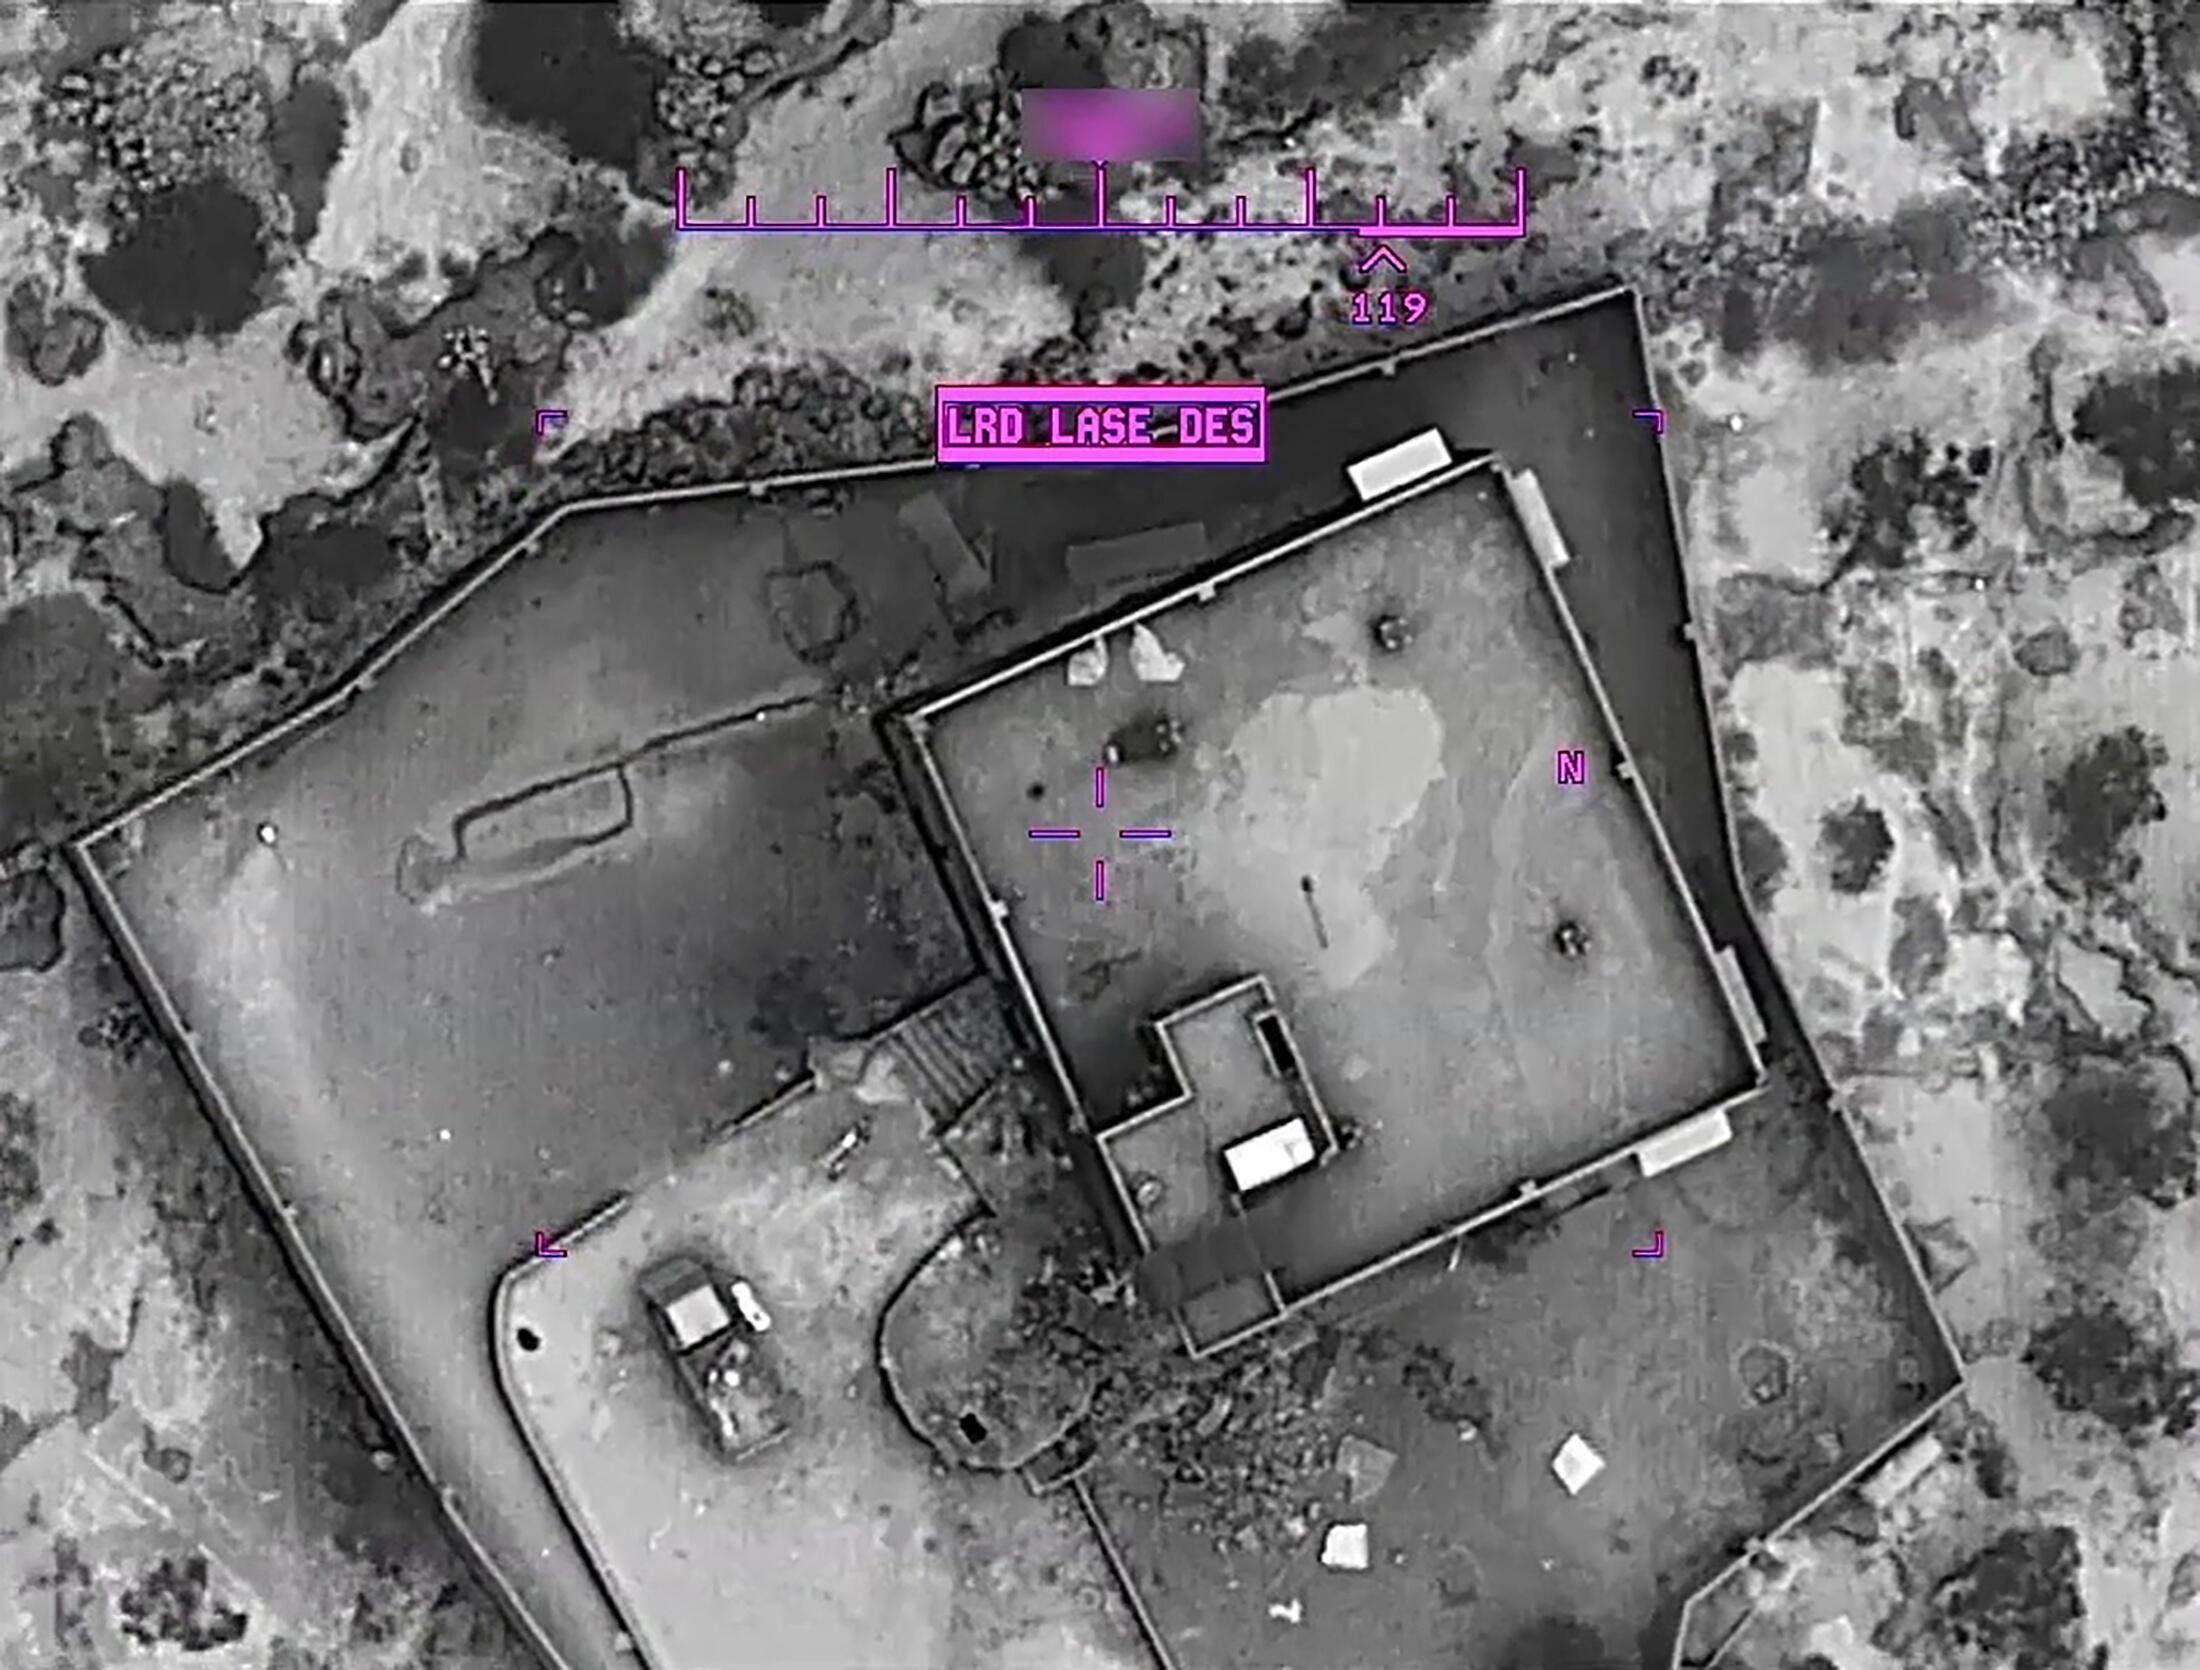 30 октября Пентагон опубликовал фото и видео операции по ликвидации аль-Багдади